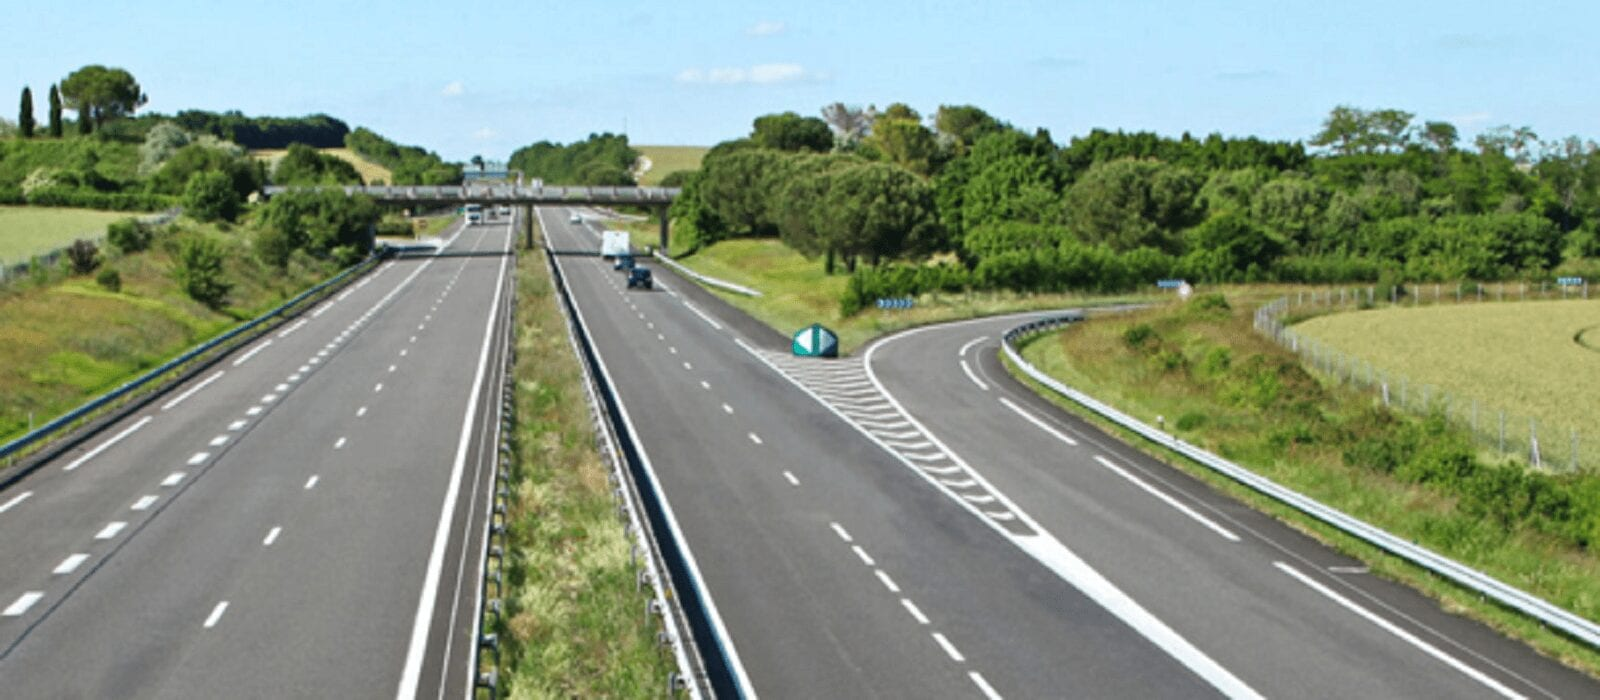 maif road